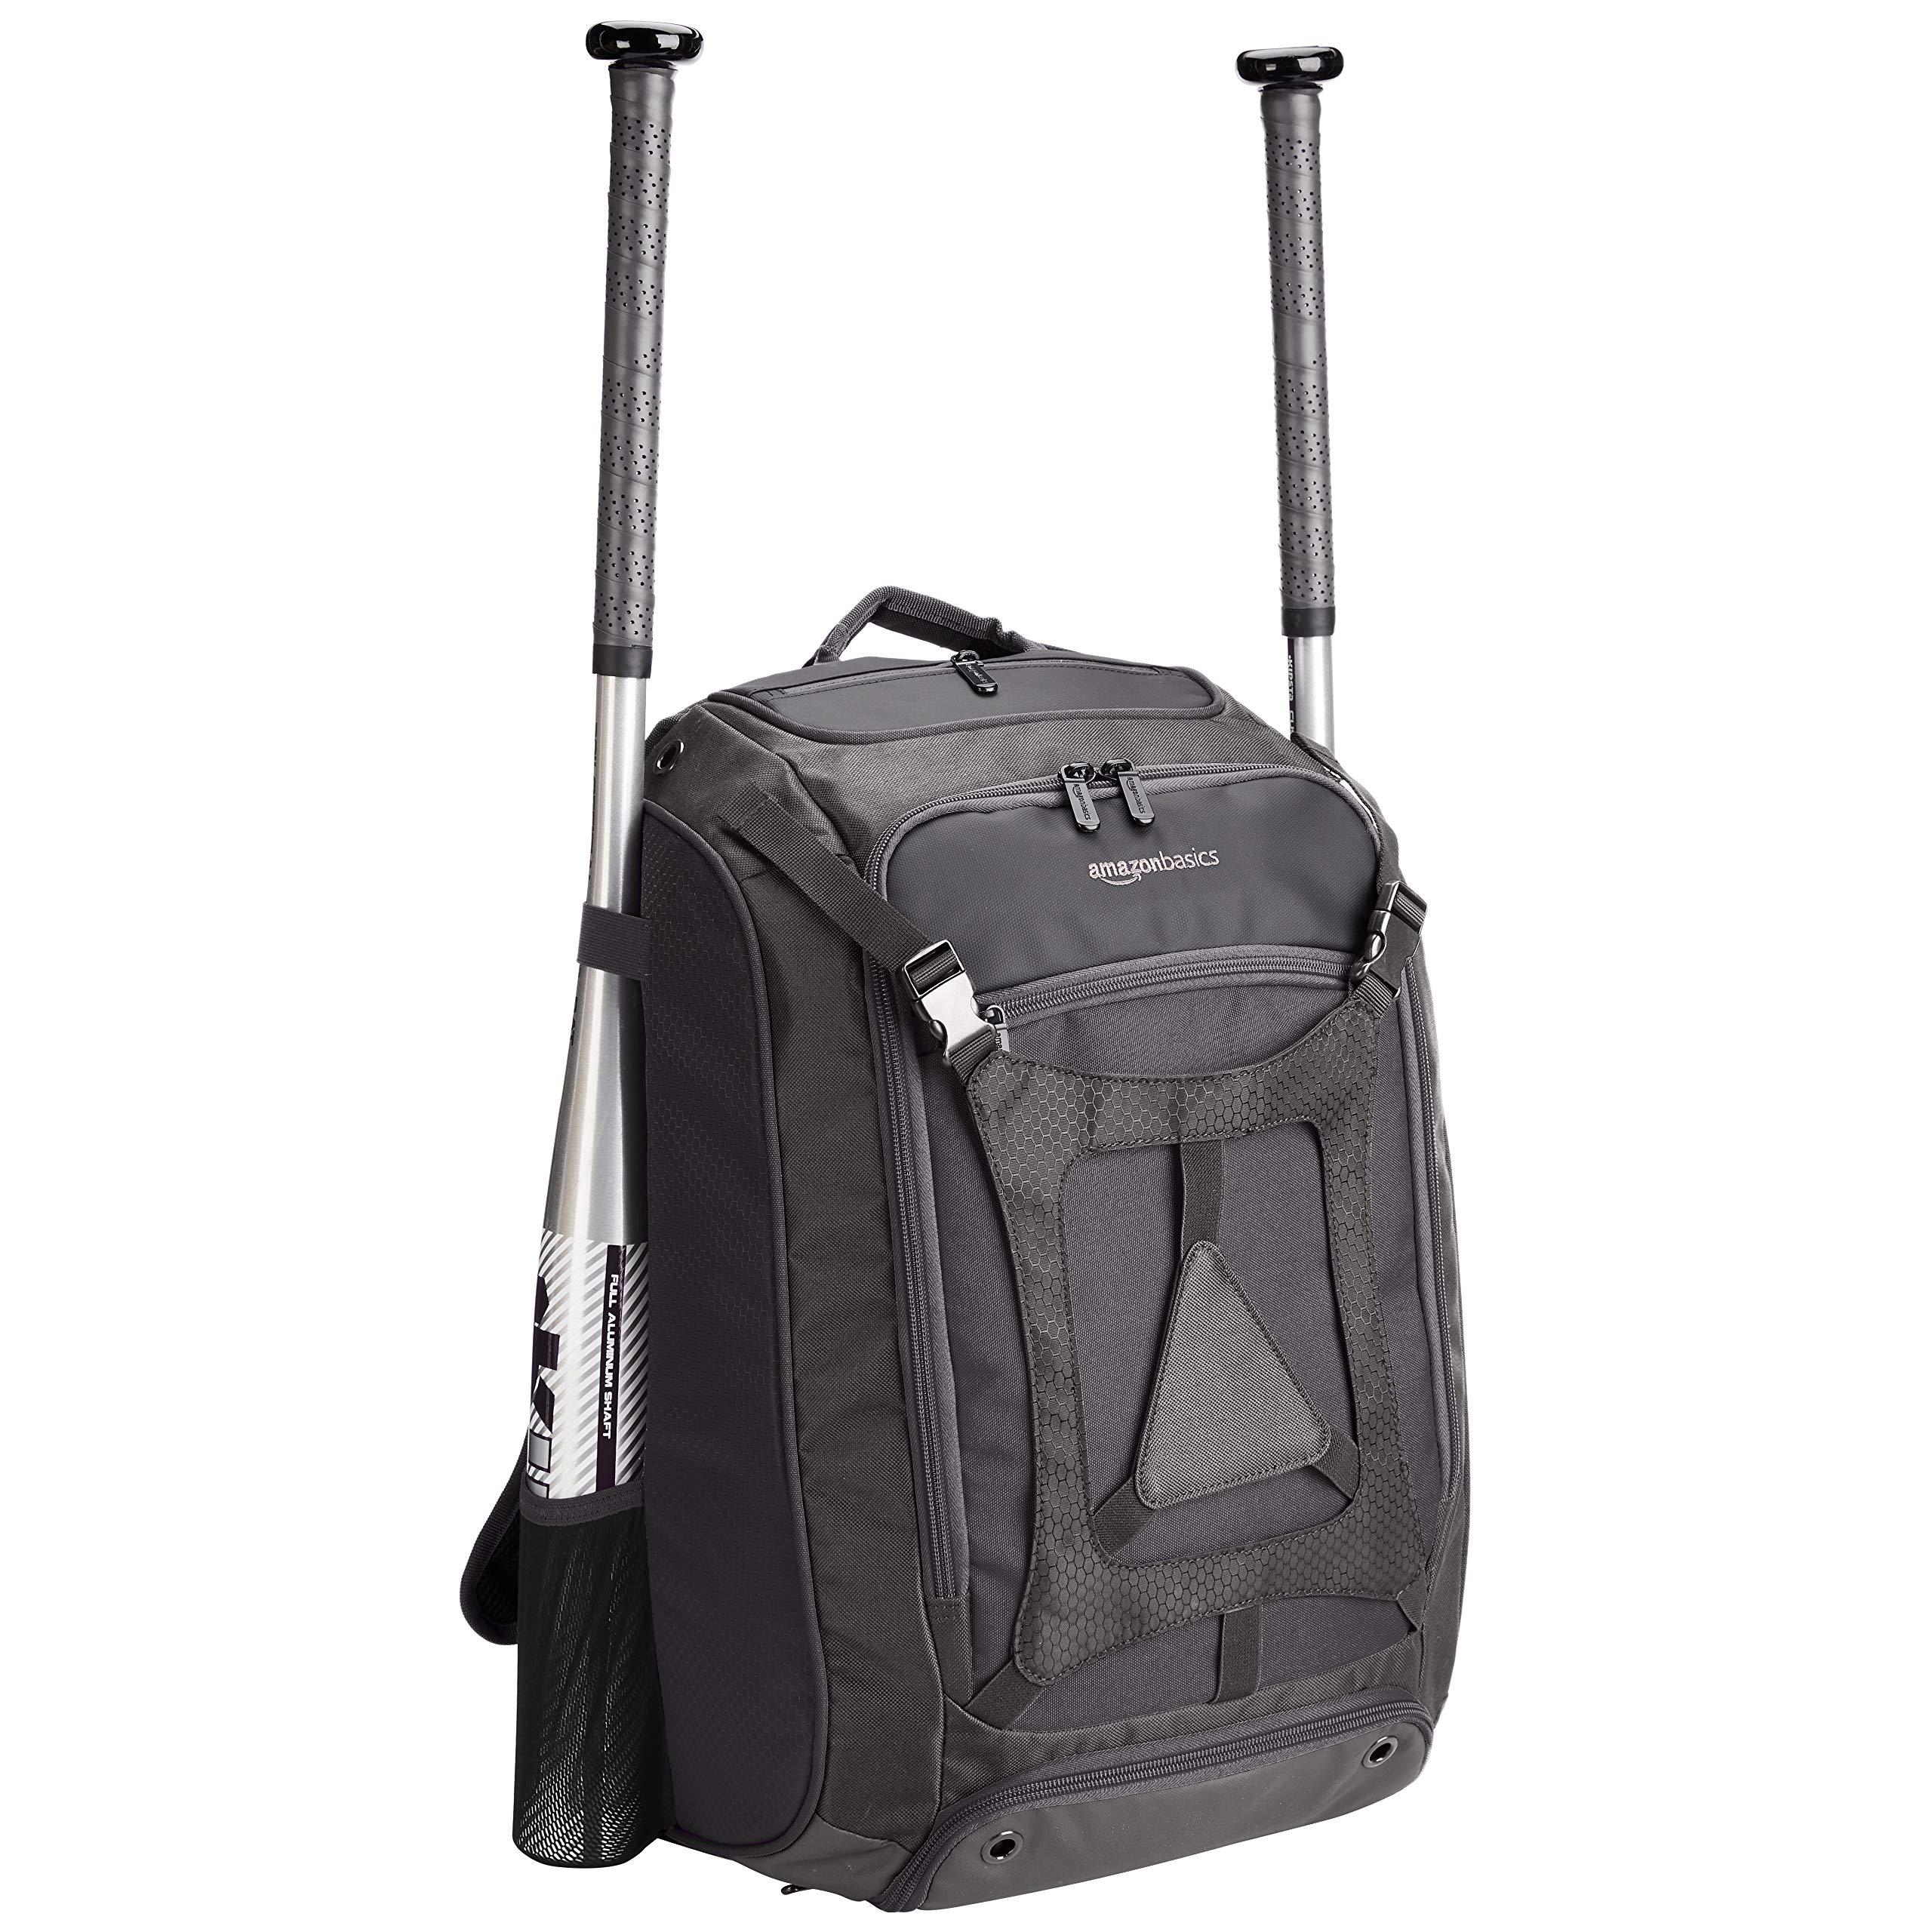 AmazonBasics Youth Baseball Equipment Backpack, Black by AmazonBasics (Image #2)